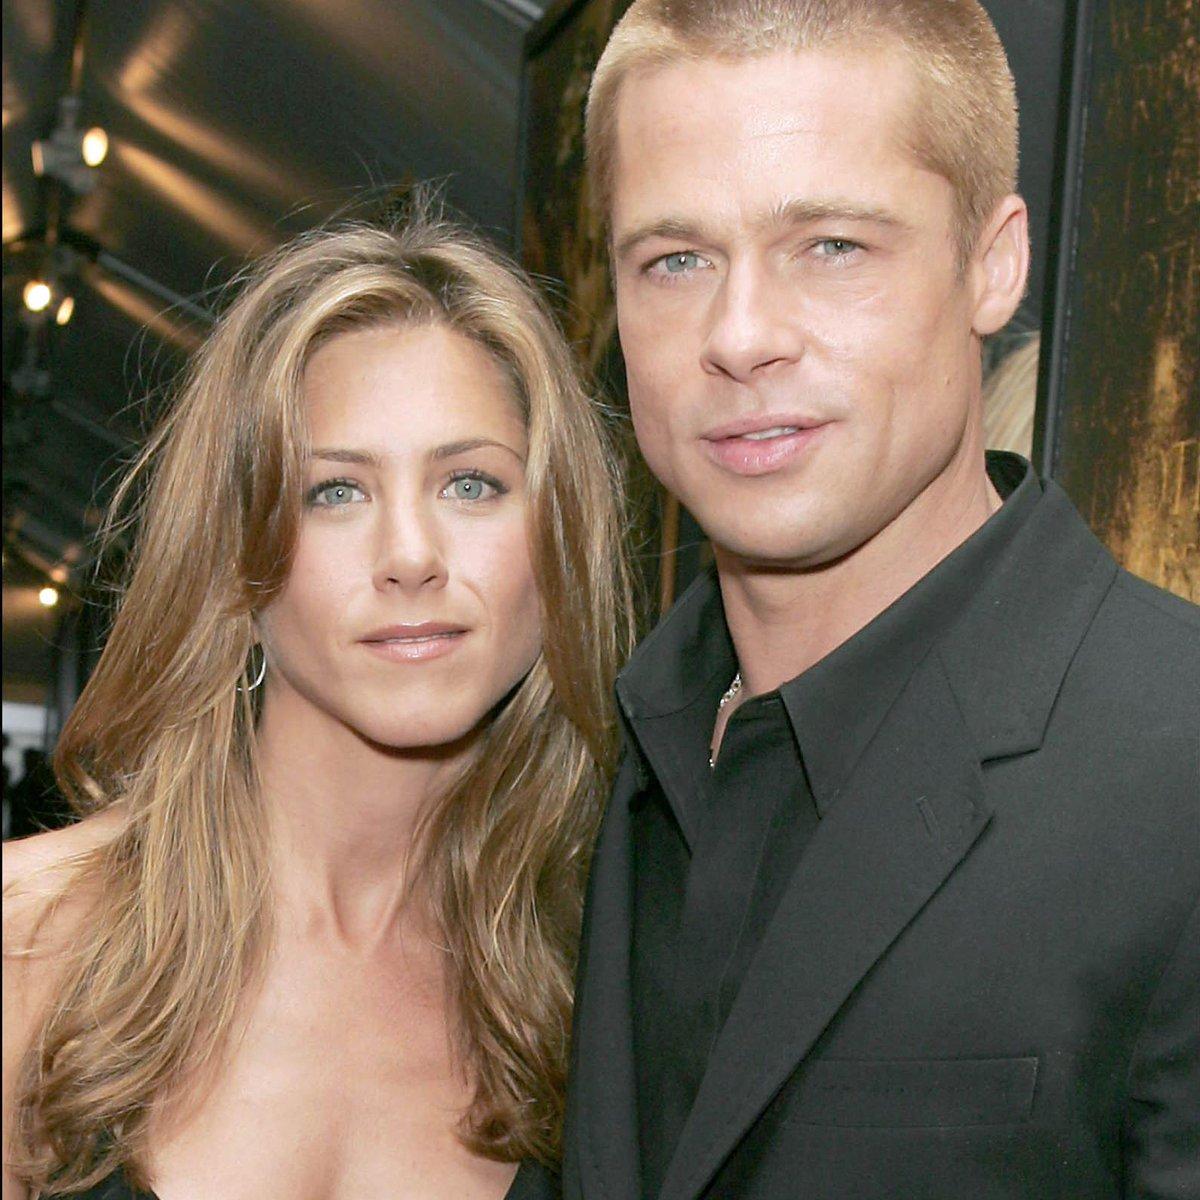 #People Douze ans après leur divorce, Brad Pitt s'excuse auprès de Jennifer Aniston https://t.co/nVTQ4qEh01